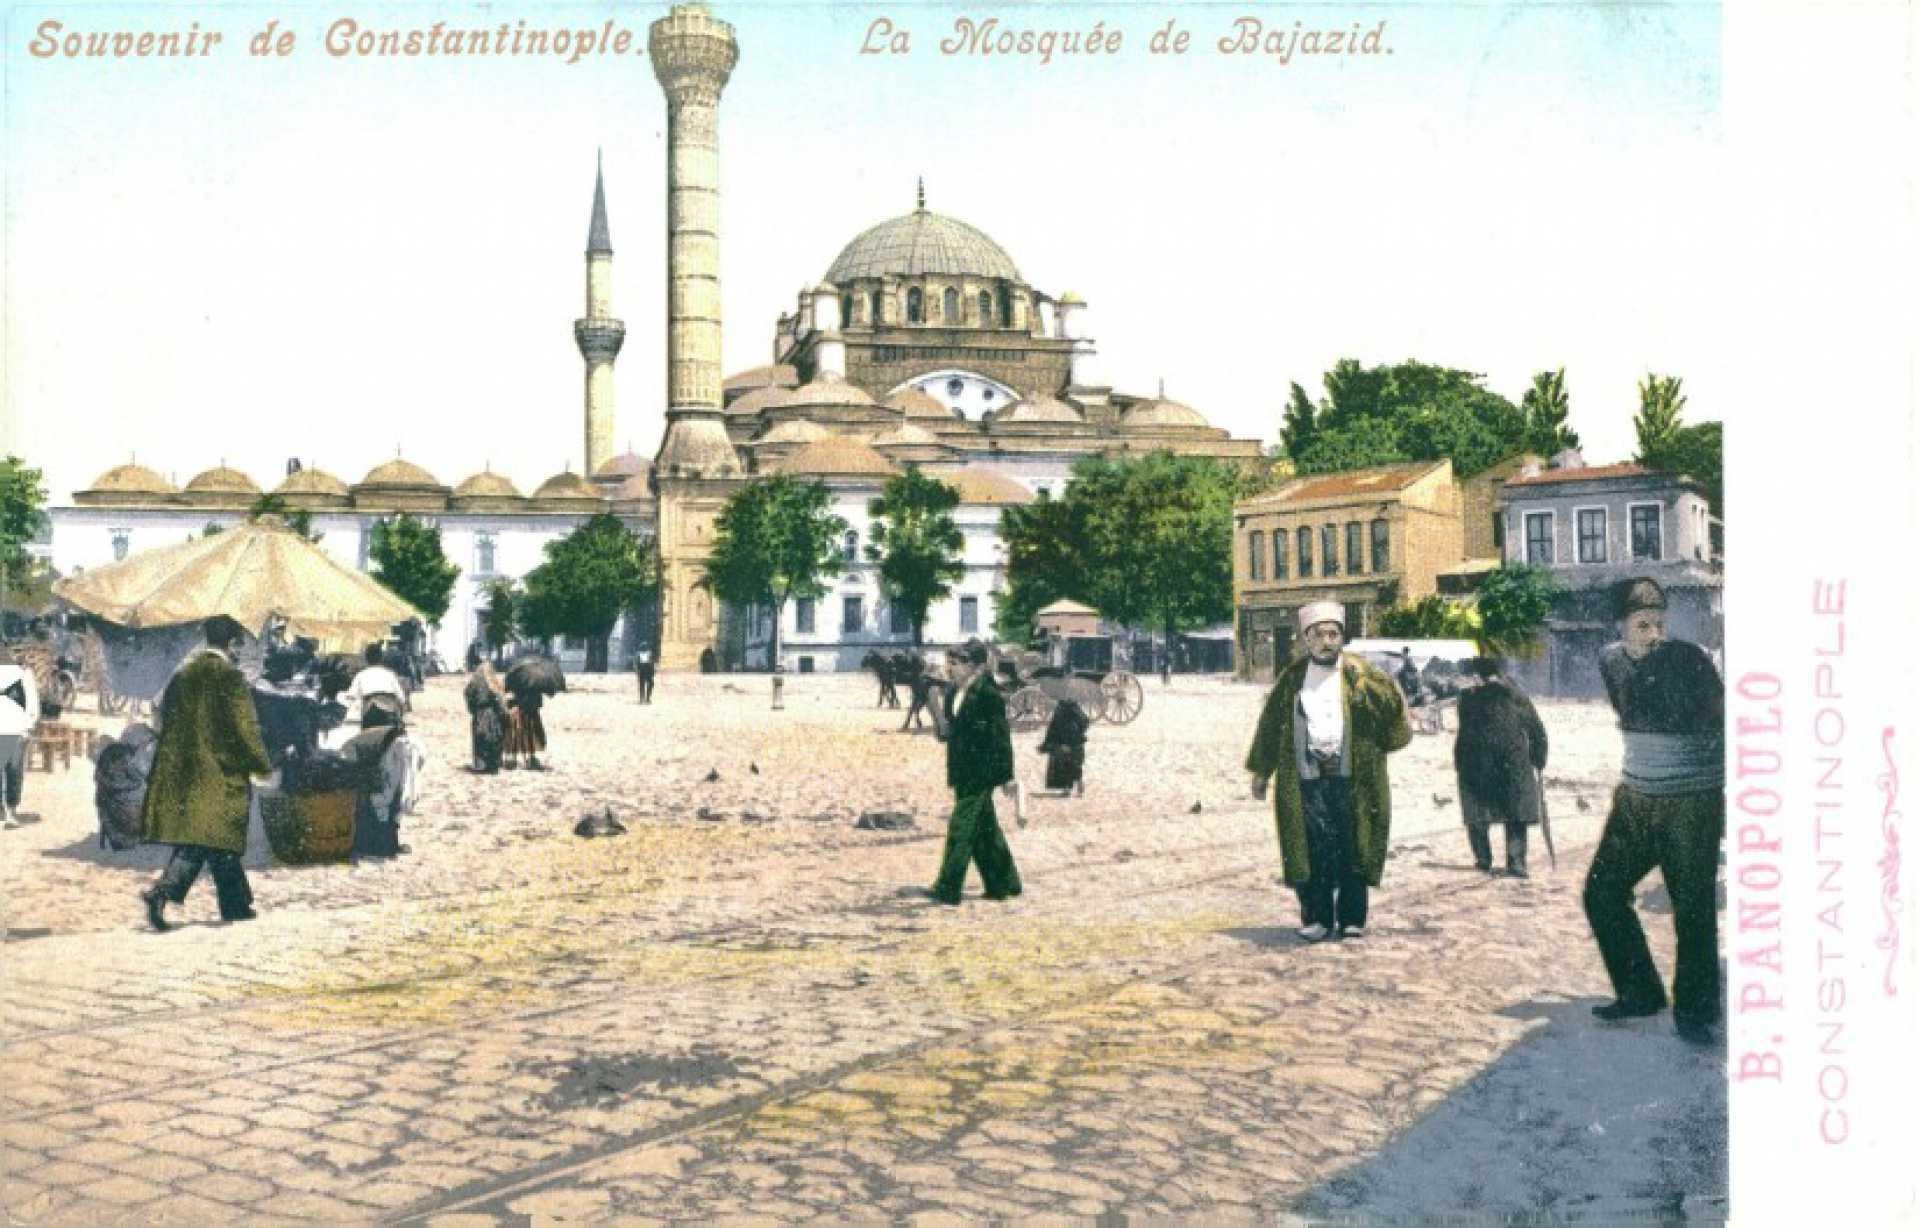 Souvenir de Constantinople. La Mosquee de Bajazid